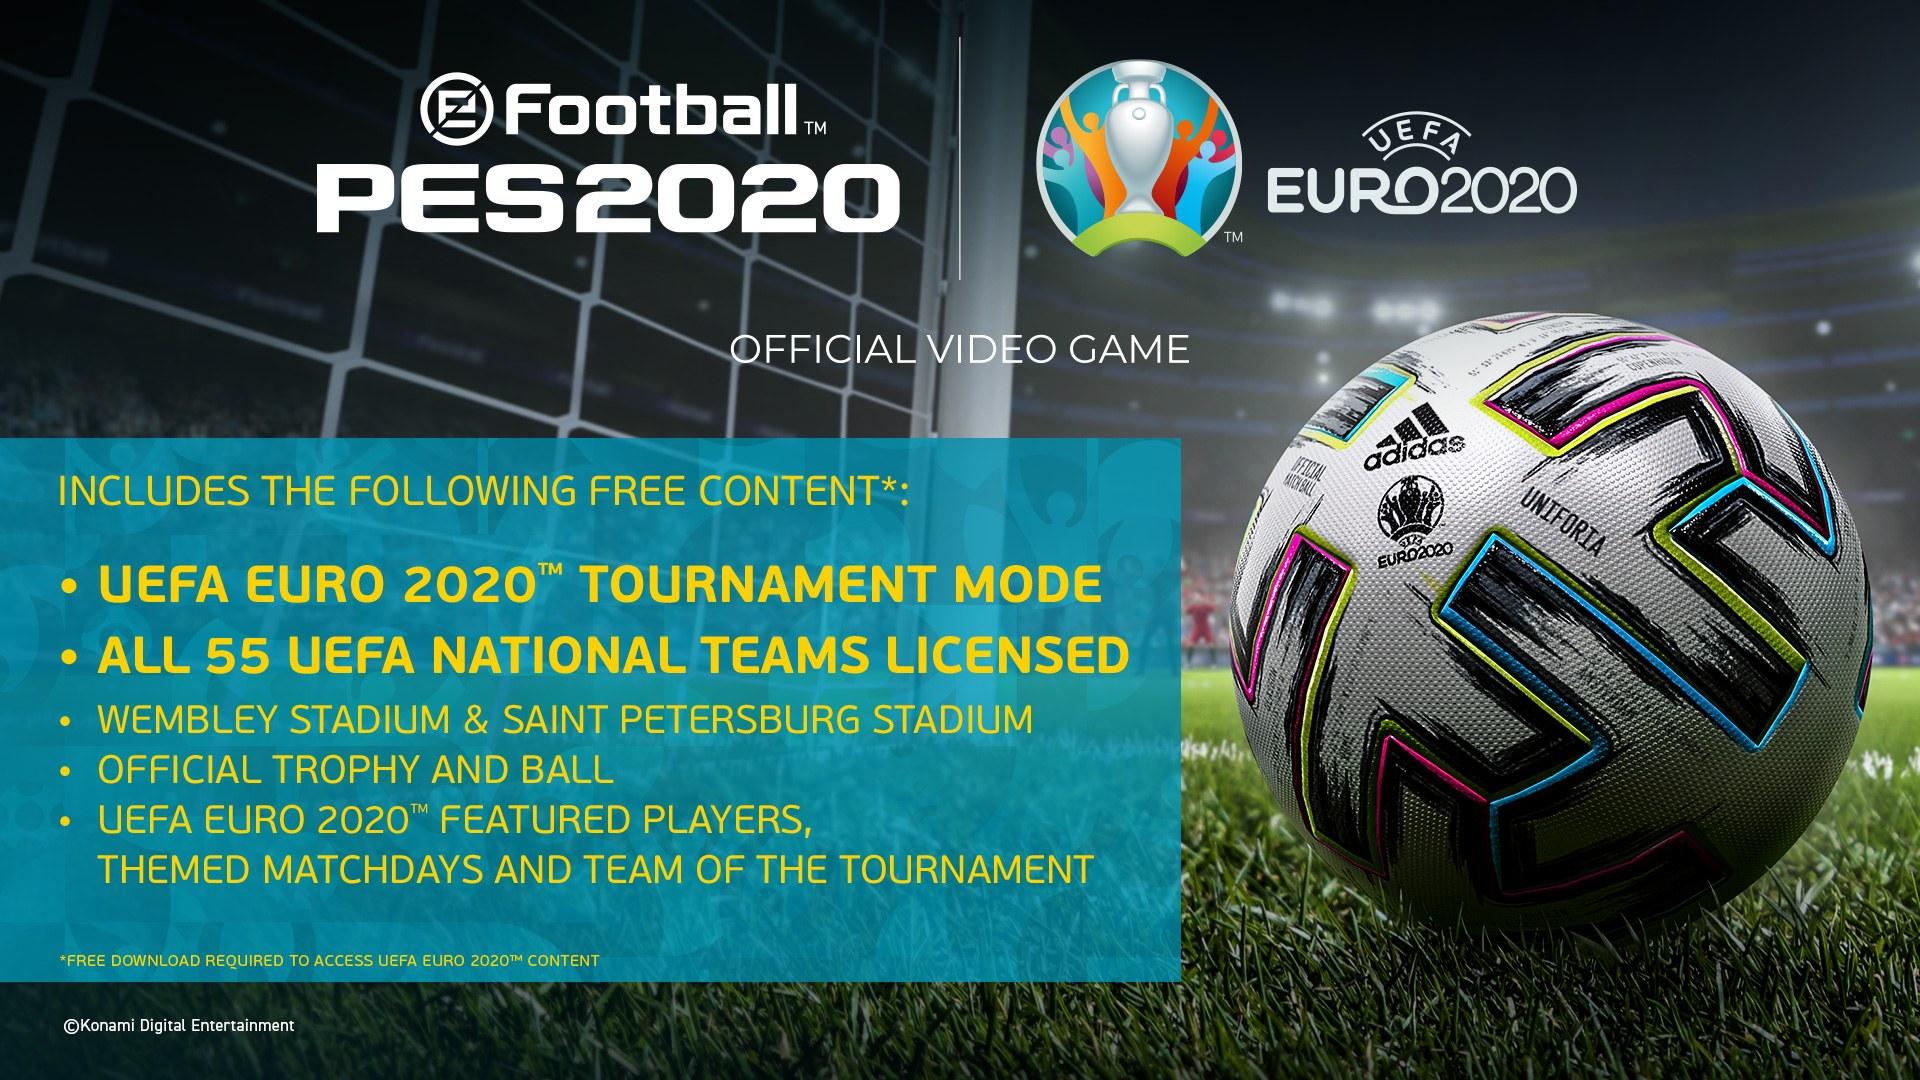 Pes 2020 / Euro 2020